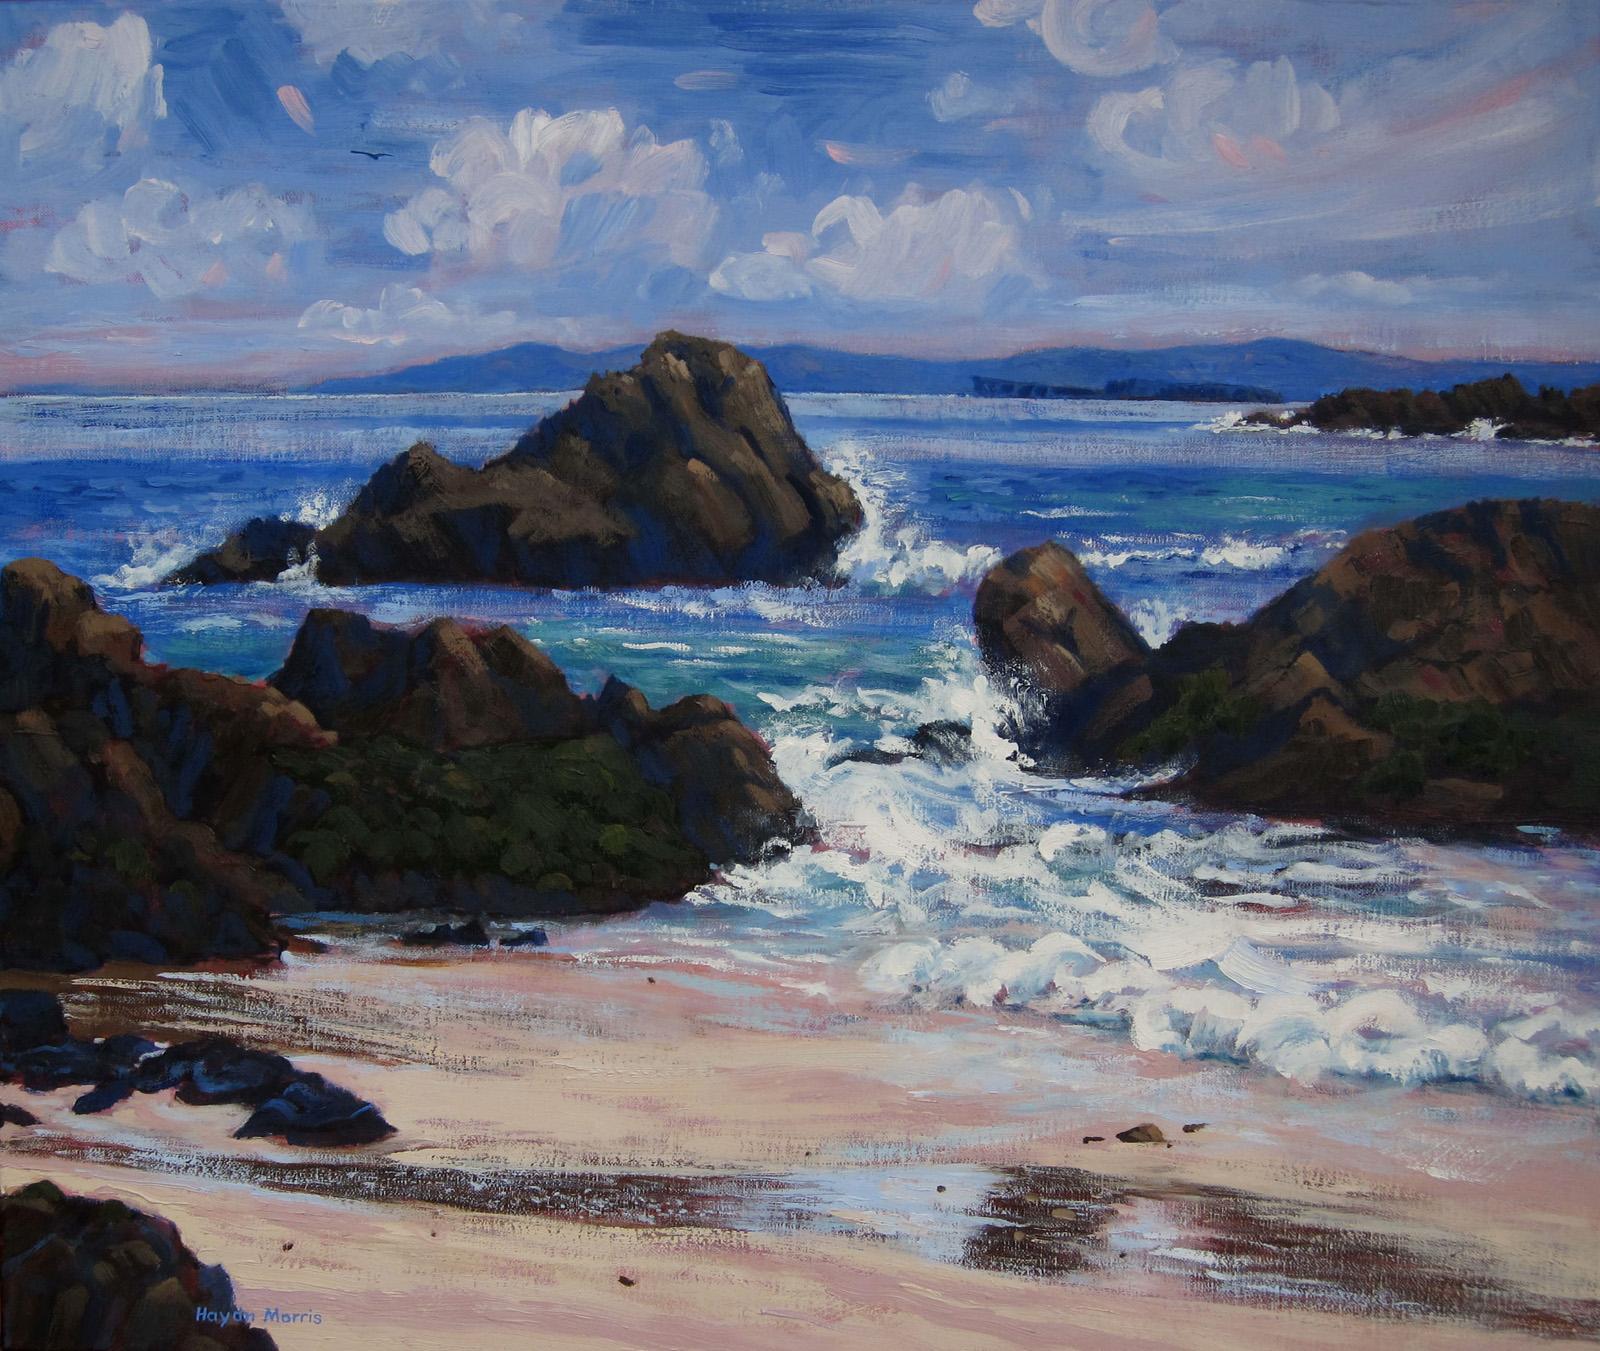 Iona, towards Staffa, breezy